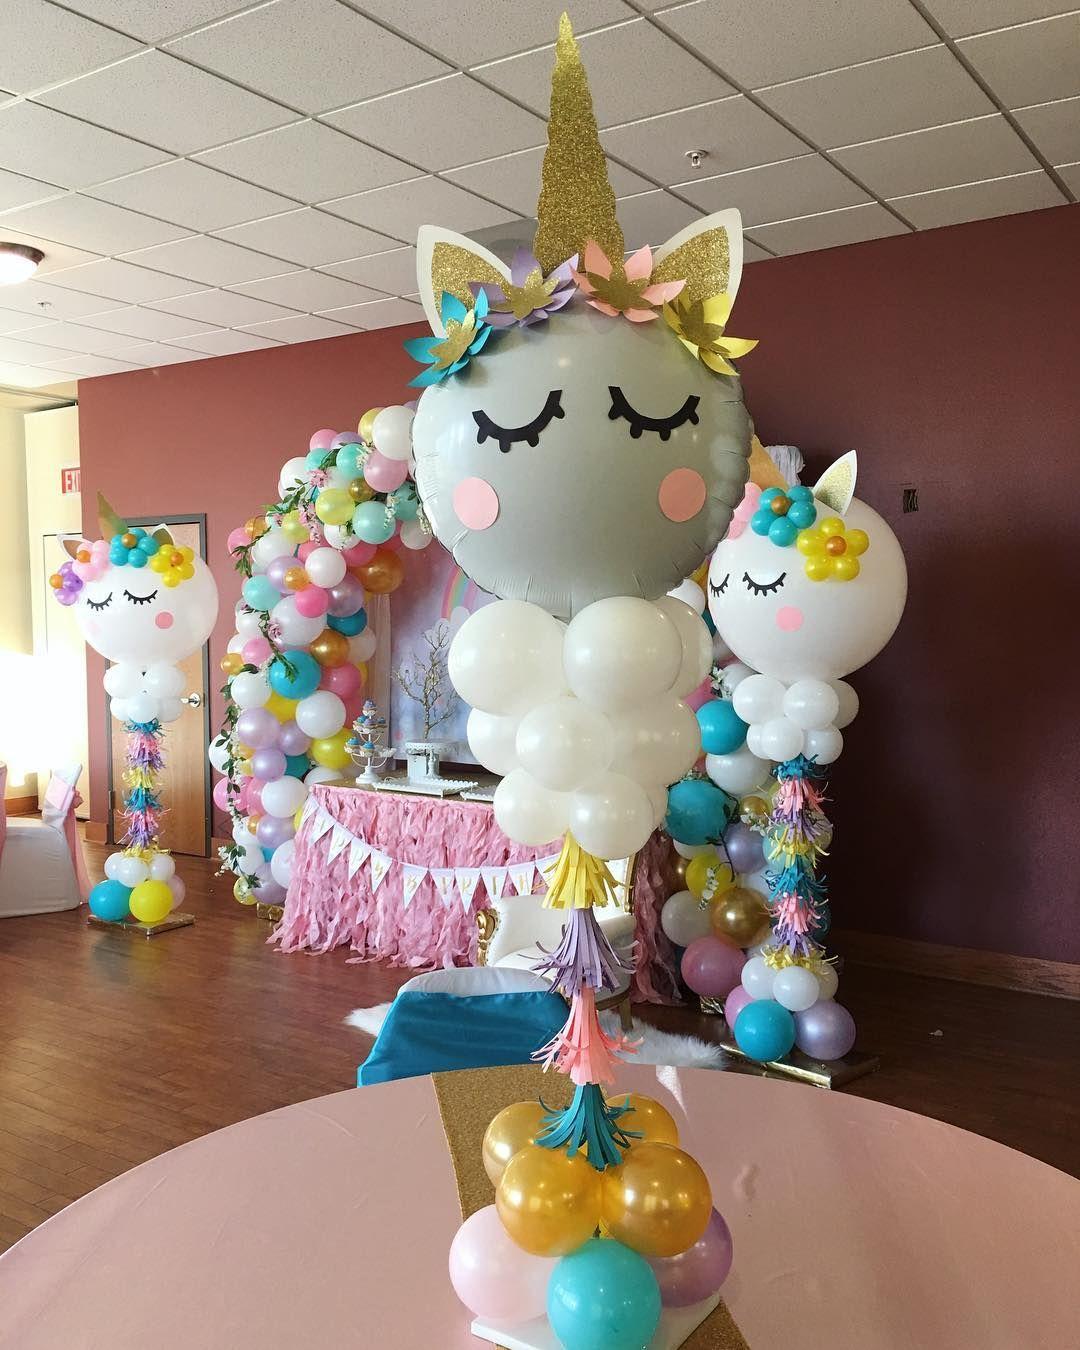 Unicorn 🦄 Balloon Centerpiece #unicornbirthdayparty